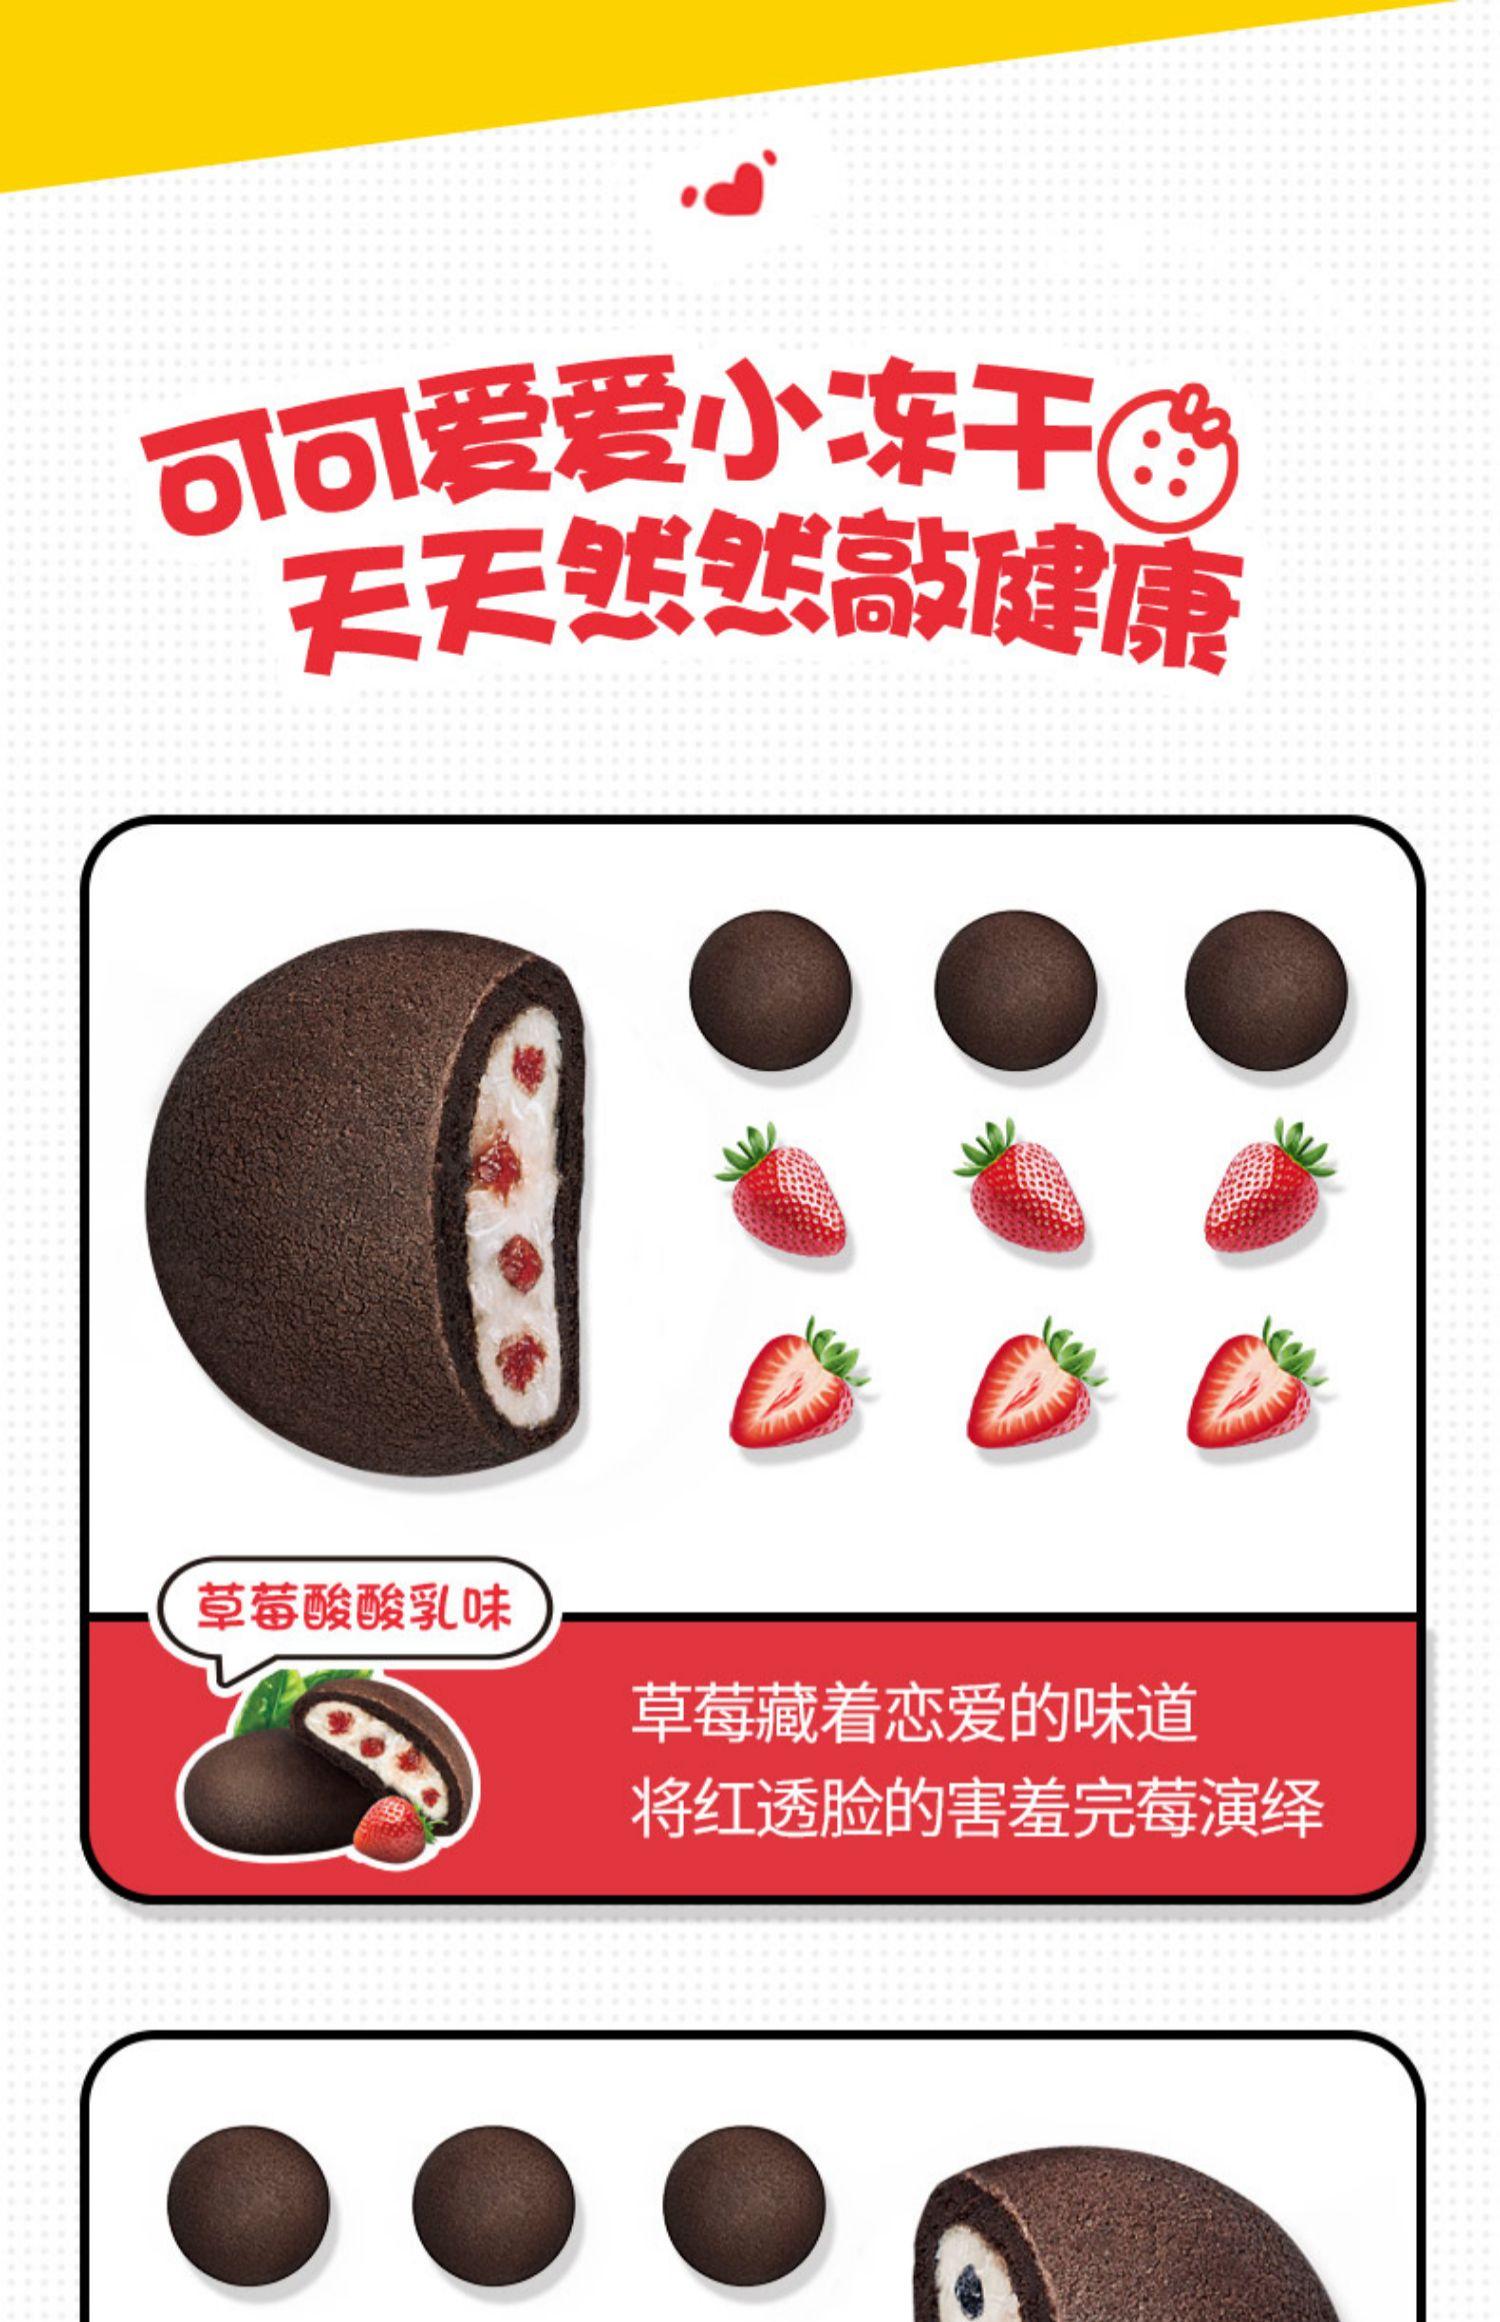 【莎布蕾】夹心武士曲奇饼干70g*5包4